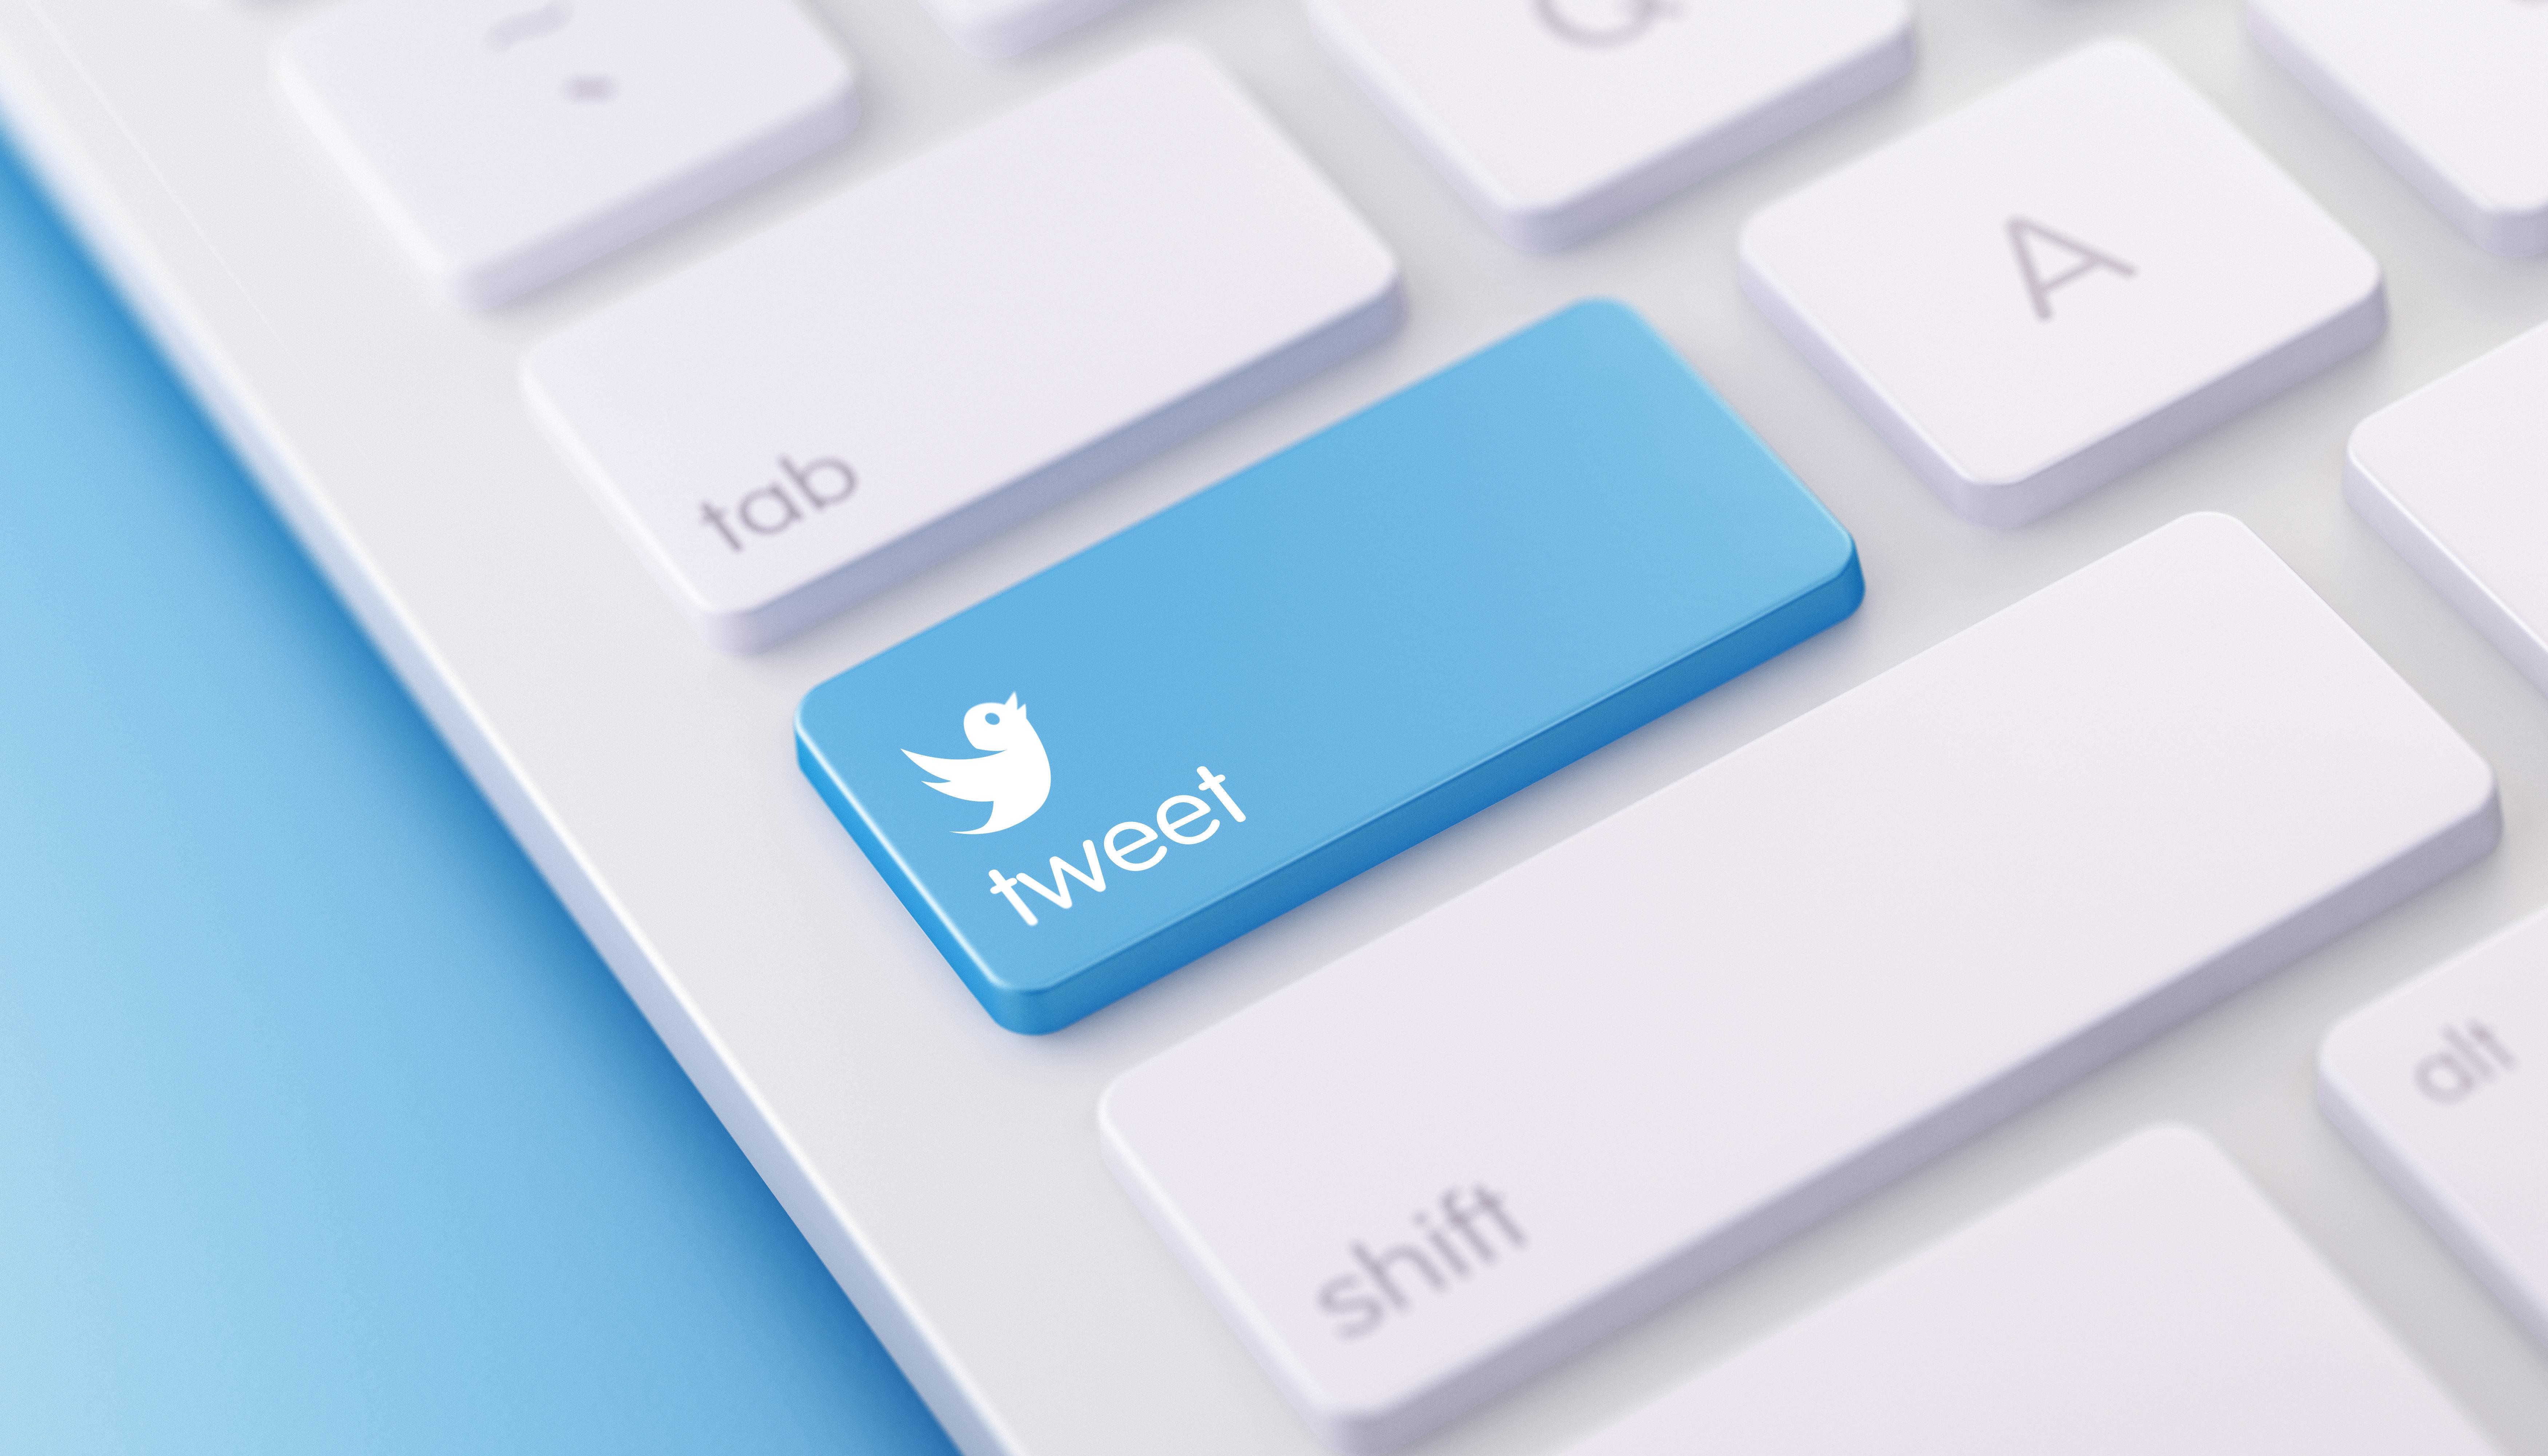 Υπάρχει τρόπος να βρείτε ποιοι από τους followers σας στο twitter είναι ψεύτικοι